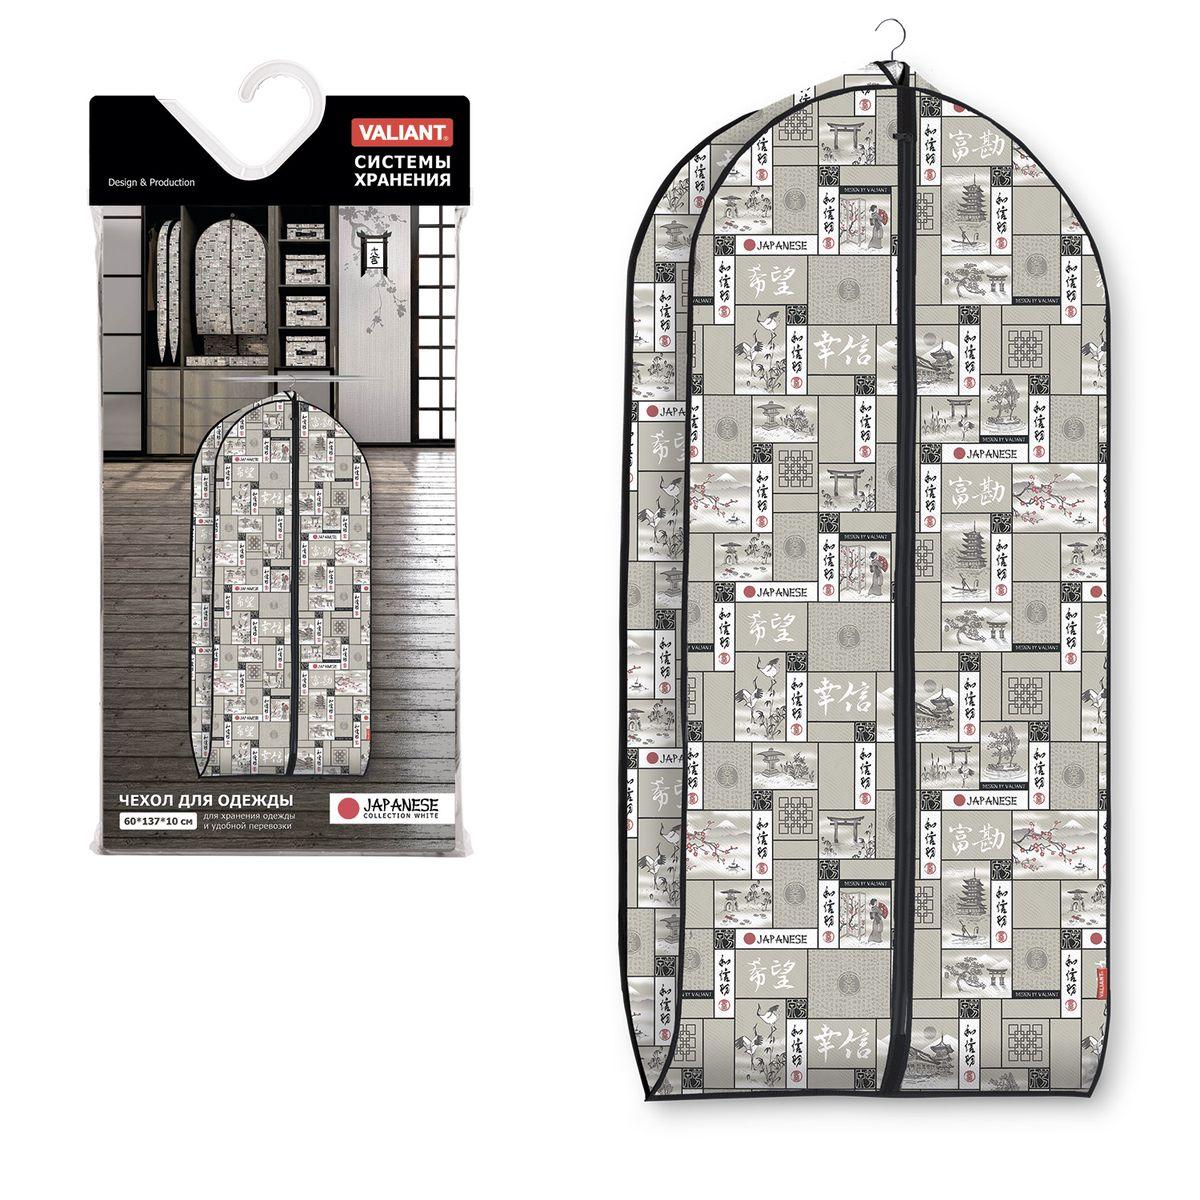 Чехол для одежды Valiant Japanese White, объемный, 60 х 137 х 10 смJW-CV-137Чехол для одежды Valiant Japanese White изготовлен из высококачественного нетканого материала (спанбонда), который обеспечивает естественную вентиляцию, позволяя воздуху проникать внутрь, но не пропускает пыль. Чехол очень удобен в использовании. Наличие боковой вставки увеличивает объем чехла, что позволяет хранить крупные объемные вещи. Чехол легко открывается и закрывается застежкой-молнией. Идеально подойдет для хранения одежды и удобной перевозки.